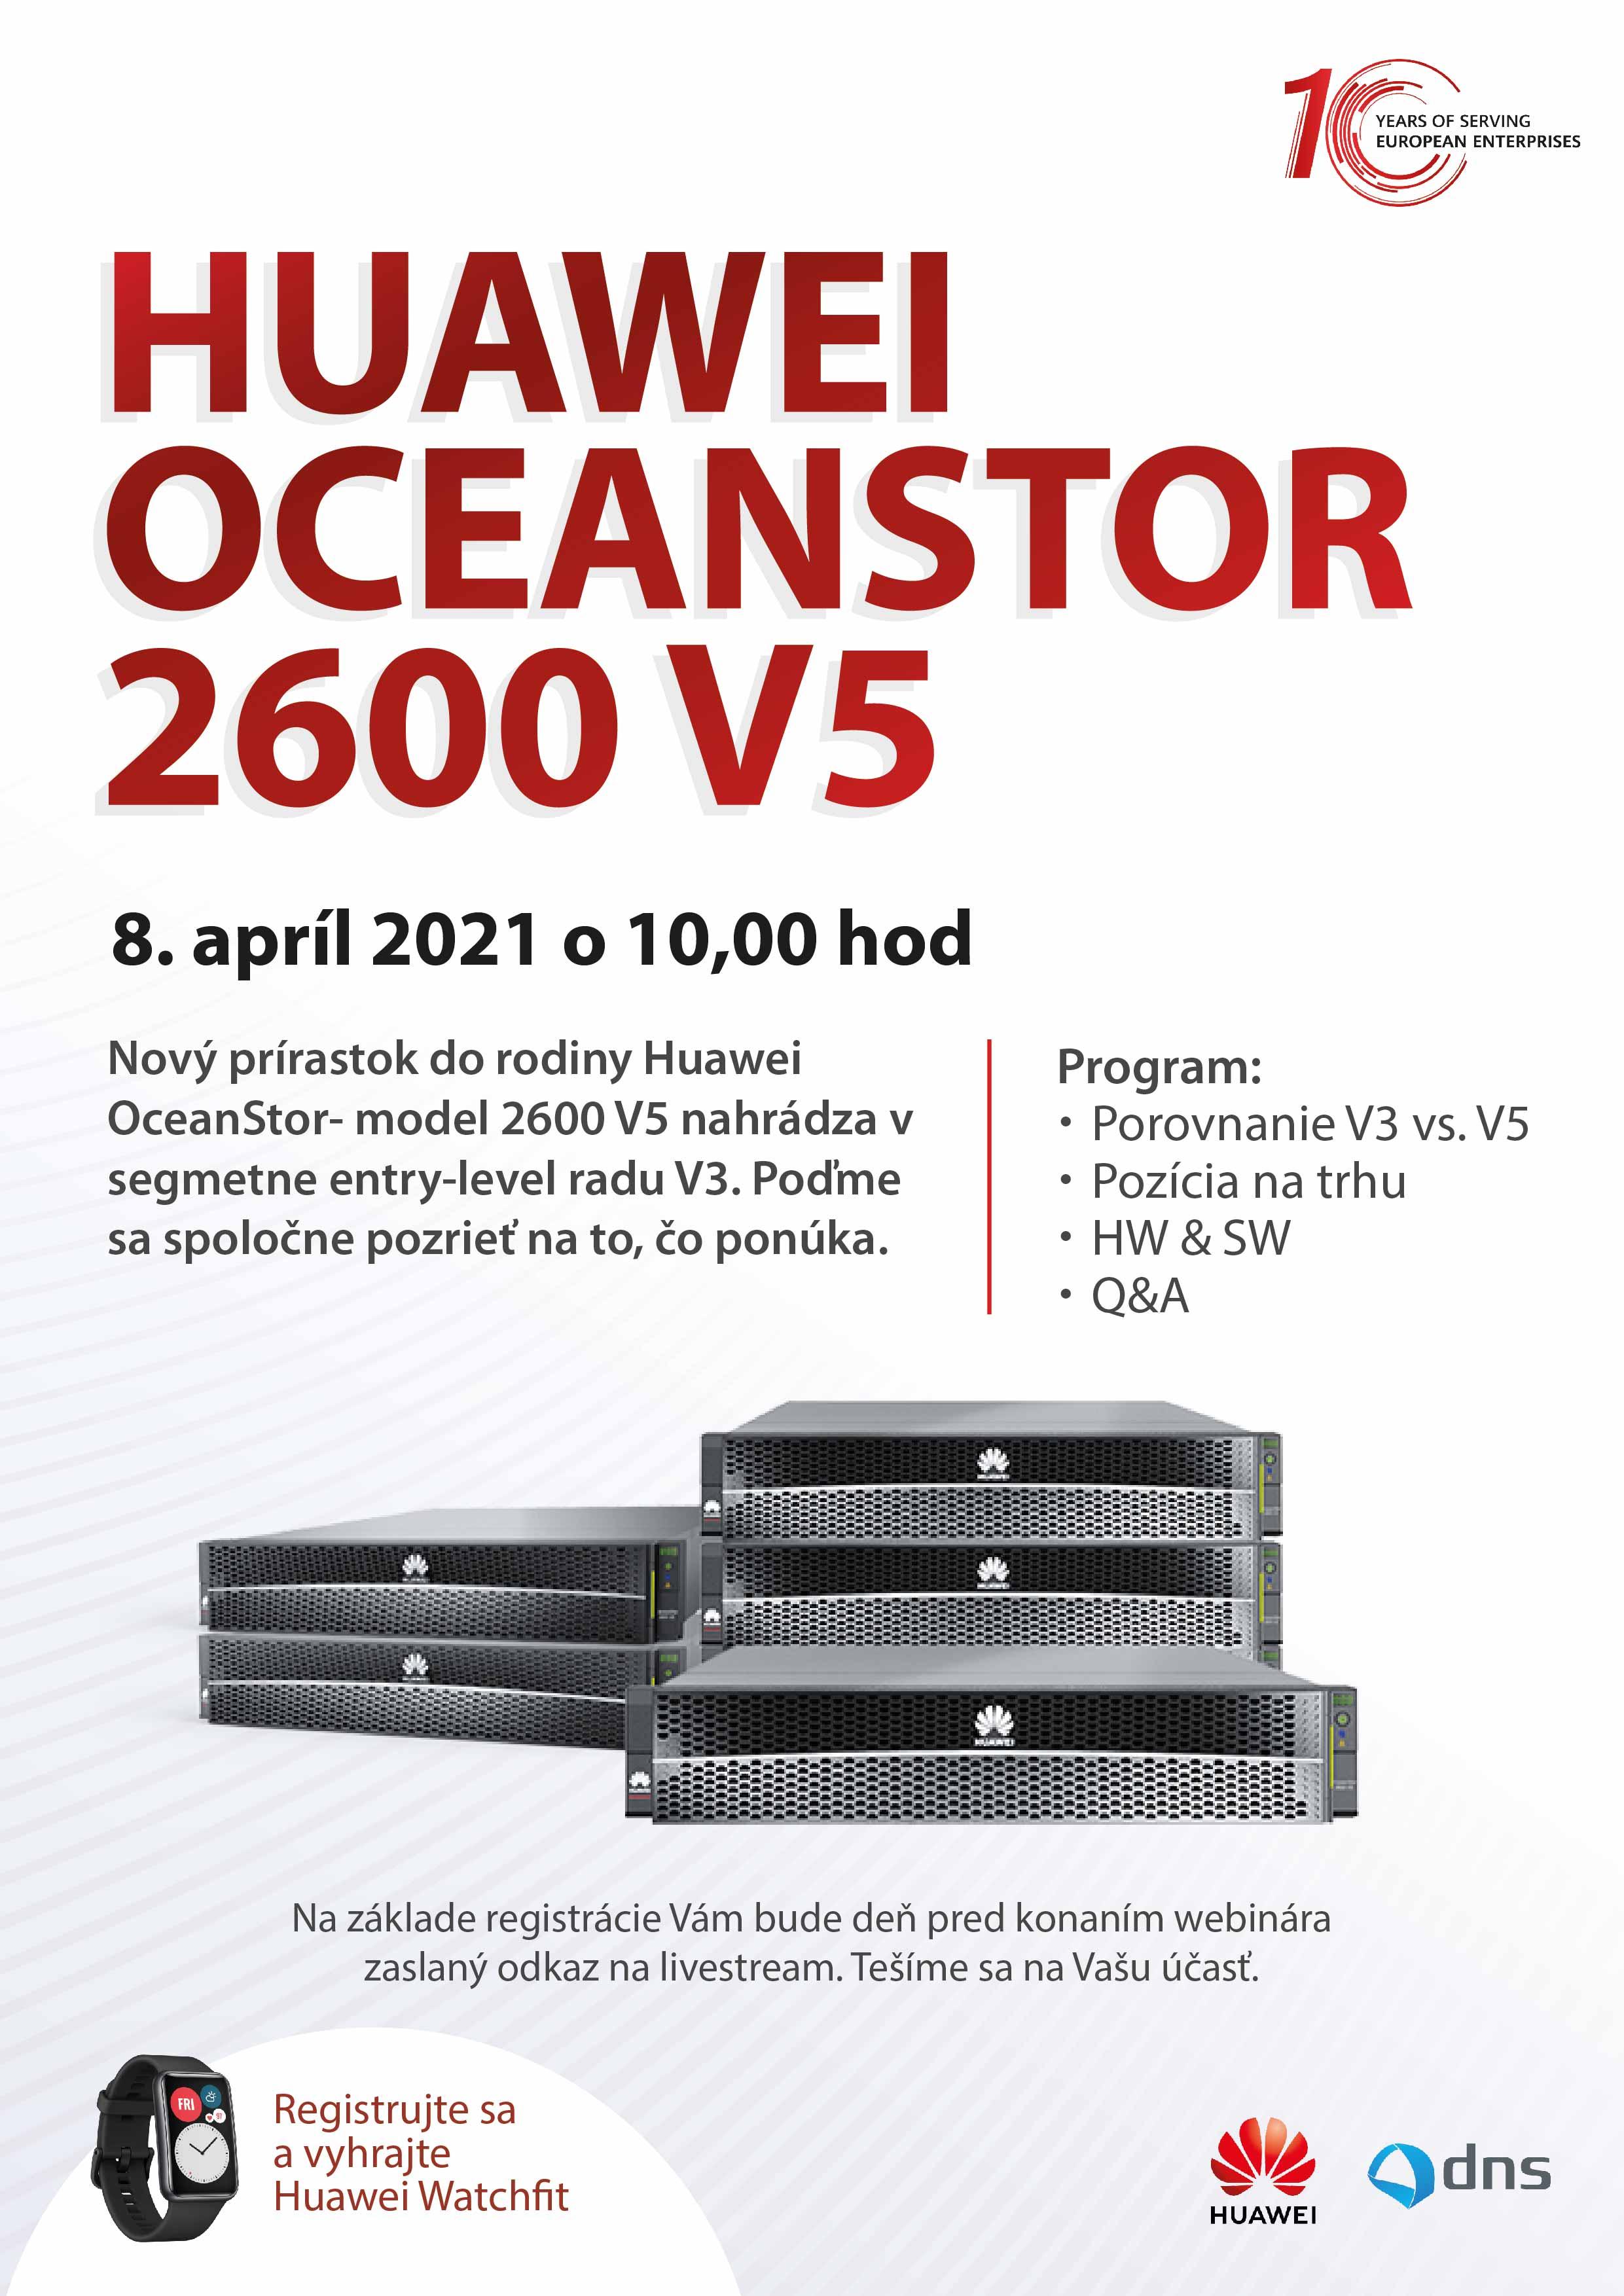 Huawei OceanStor 2600 V5 webinar